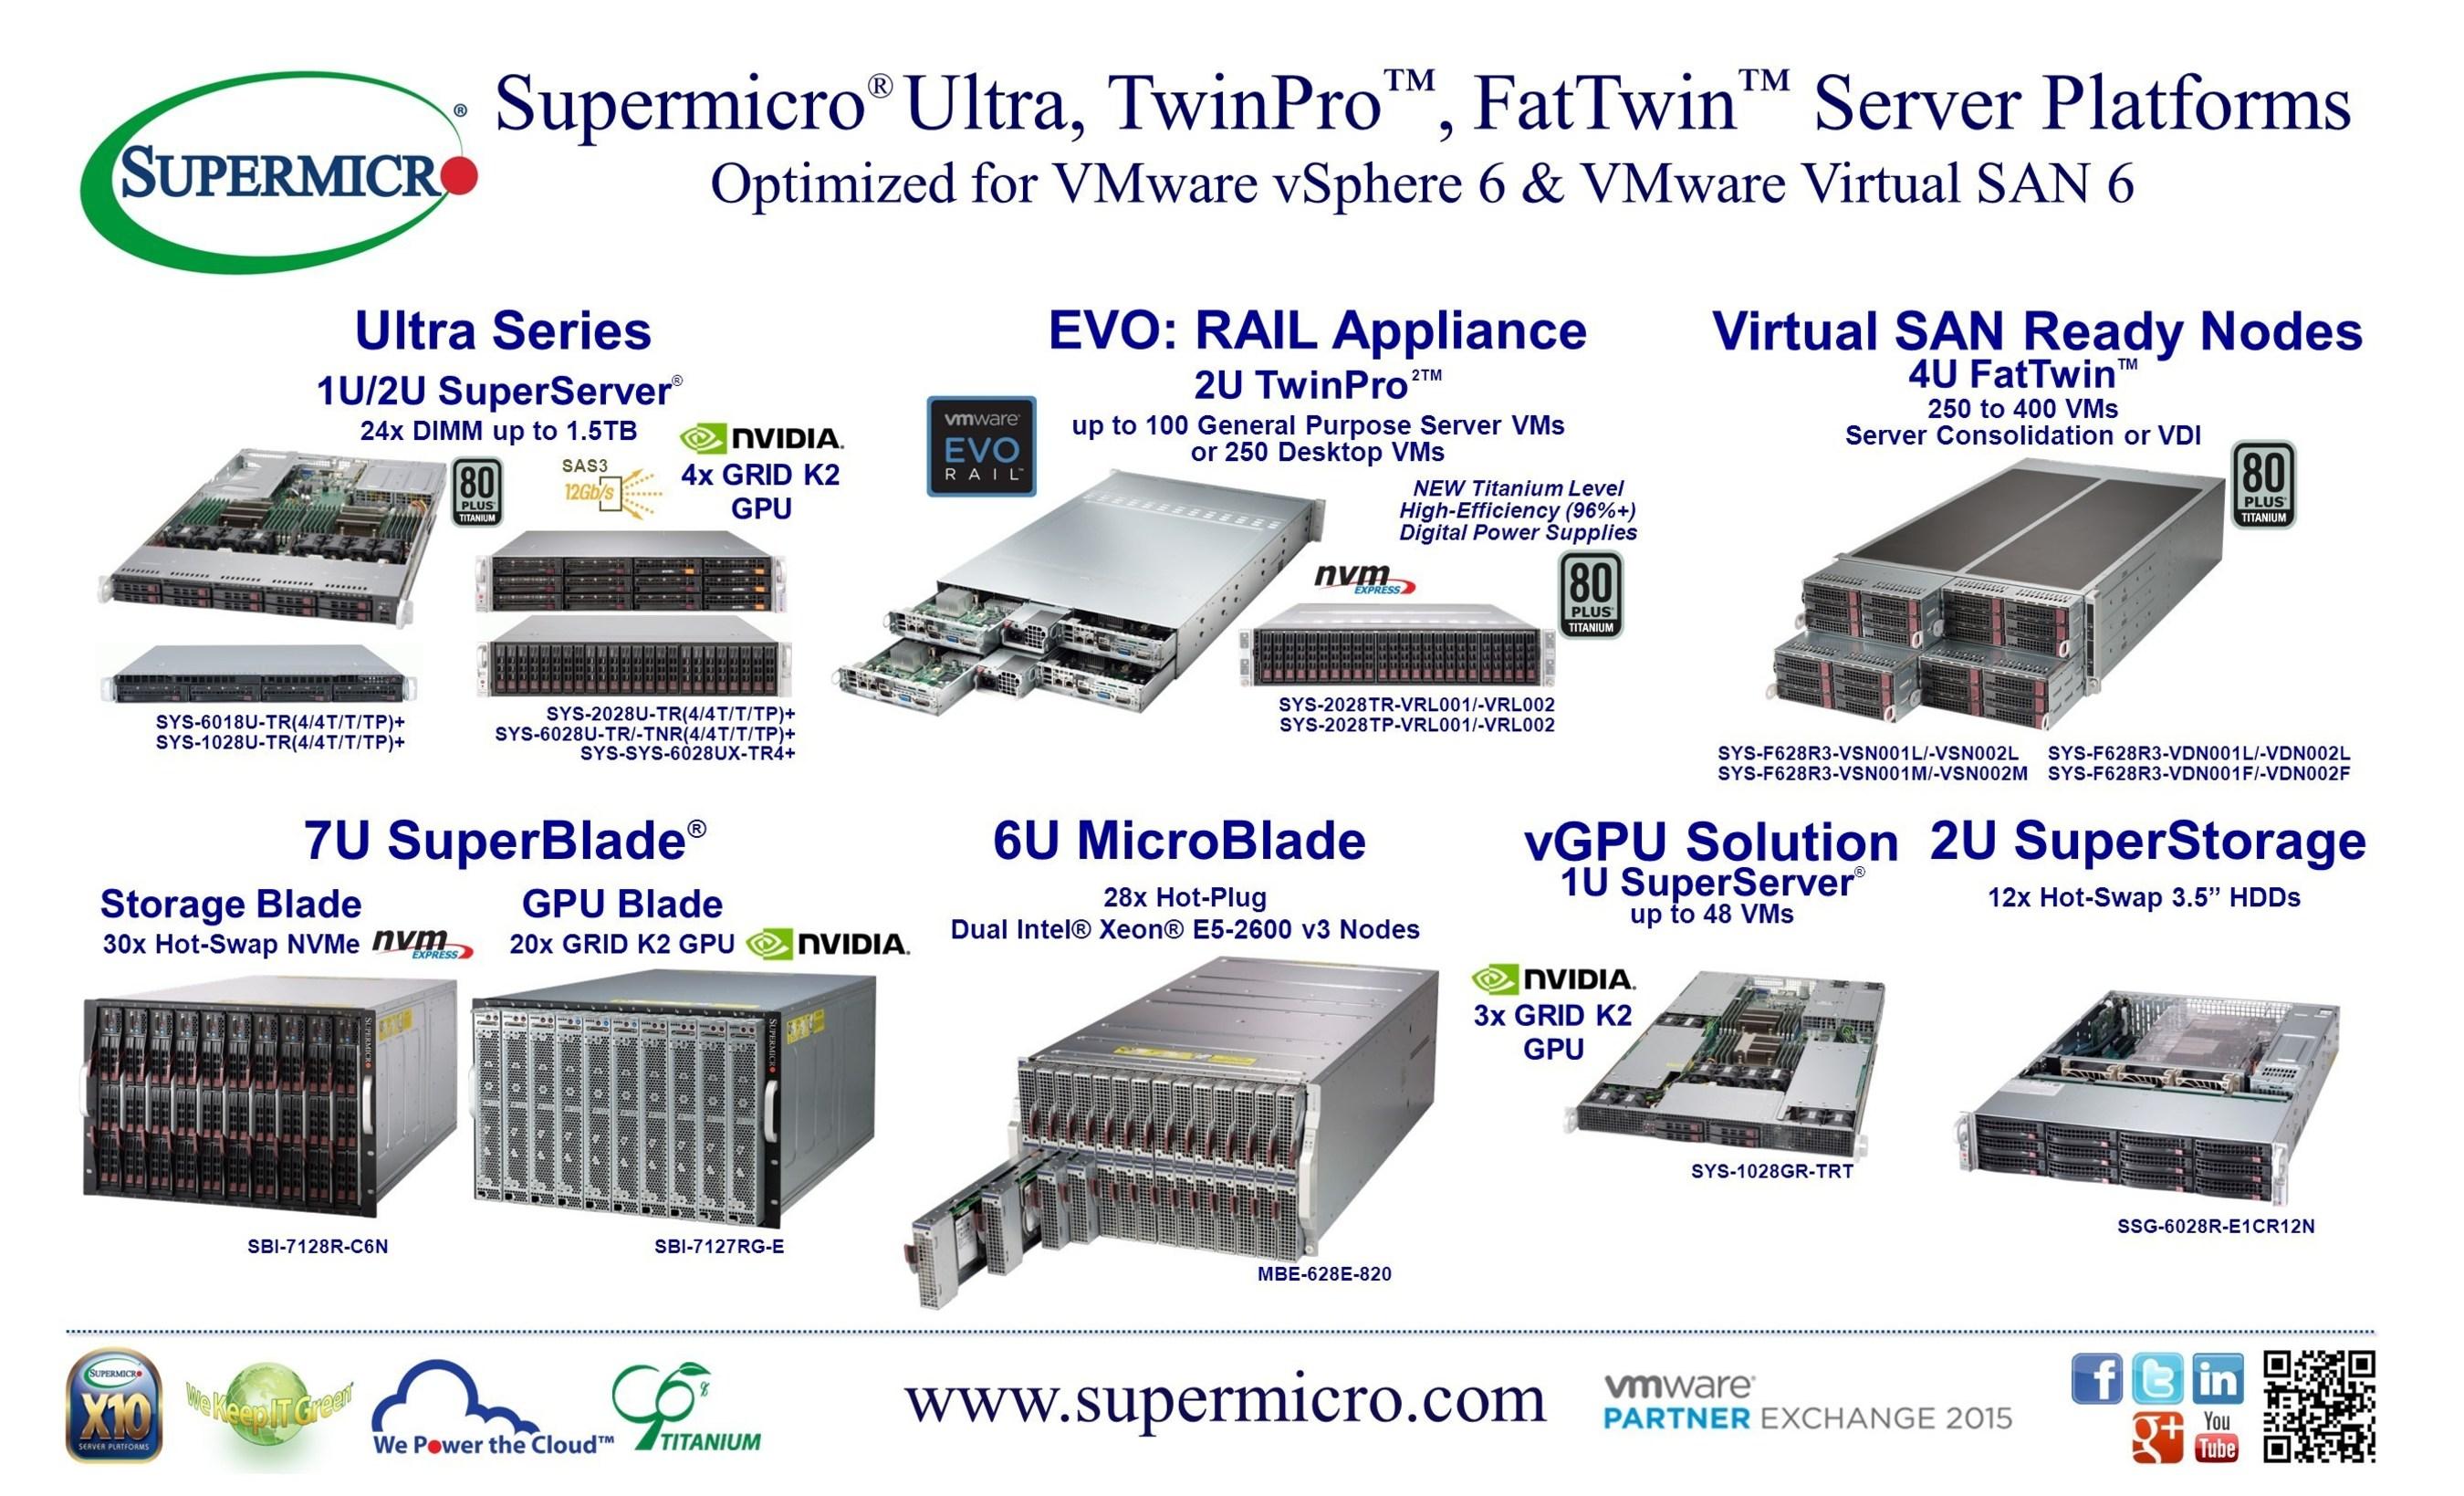 Supermicro® stellt VMware vSphere 6- und Virtual SAN 6-optimierte Ultra-, TwinPro- und FatTwin